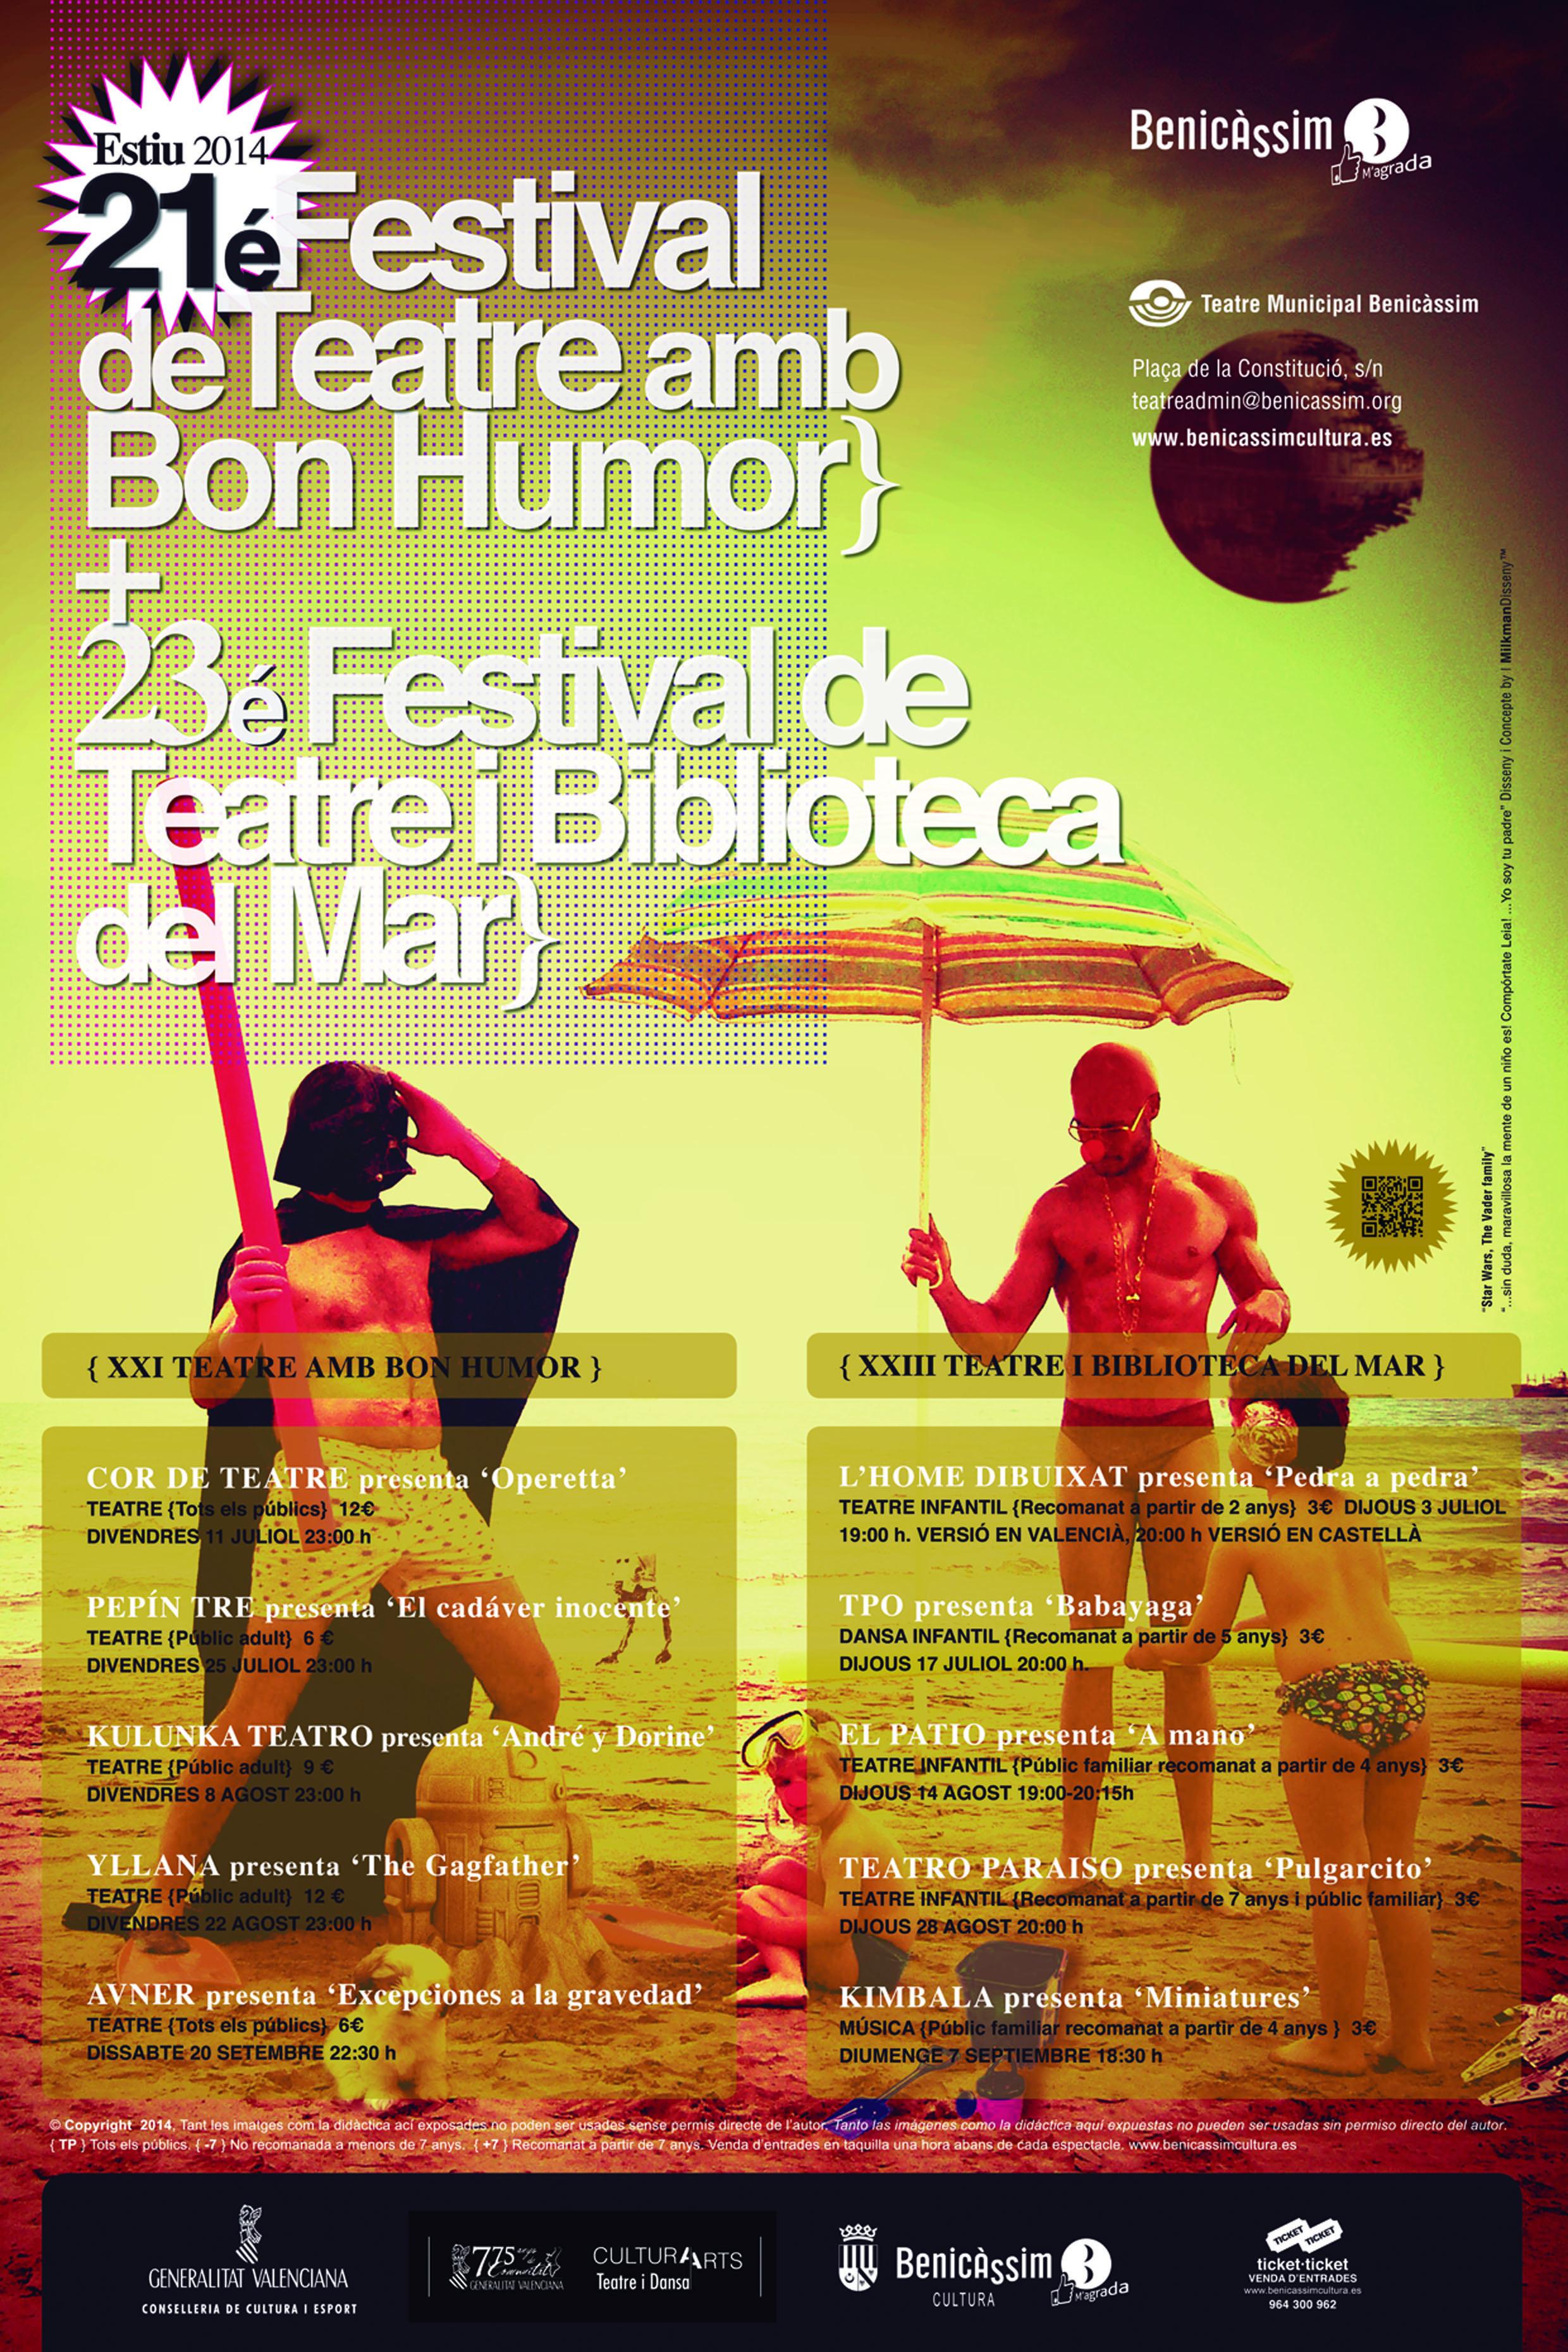 Festivales de Teatro